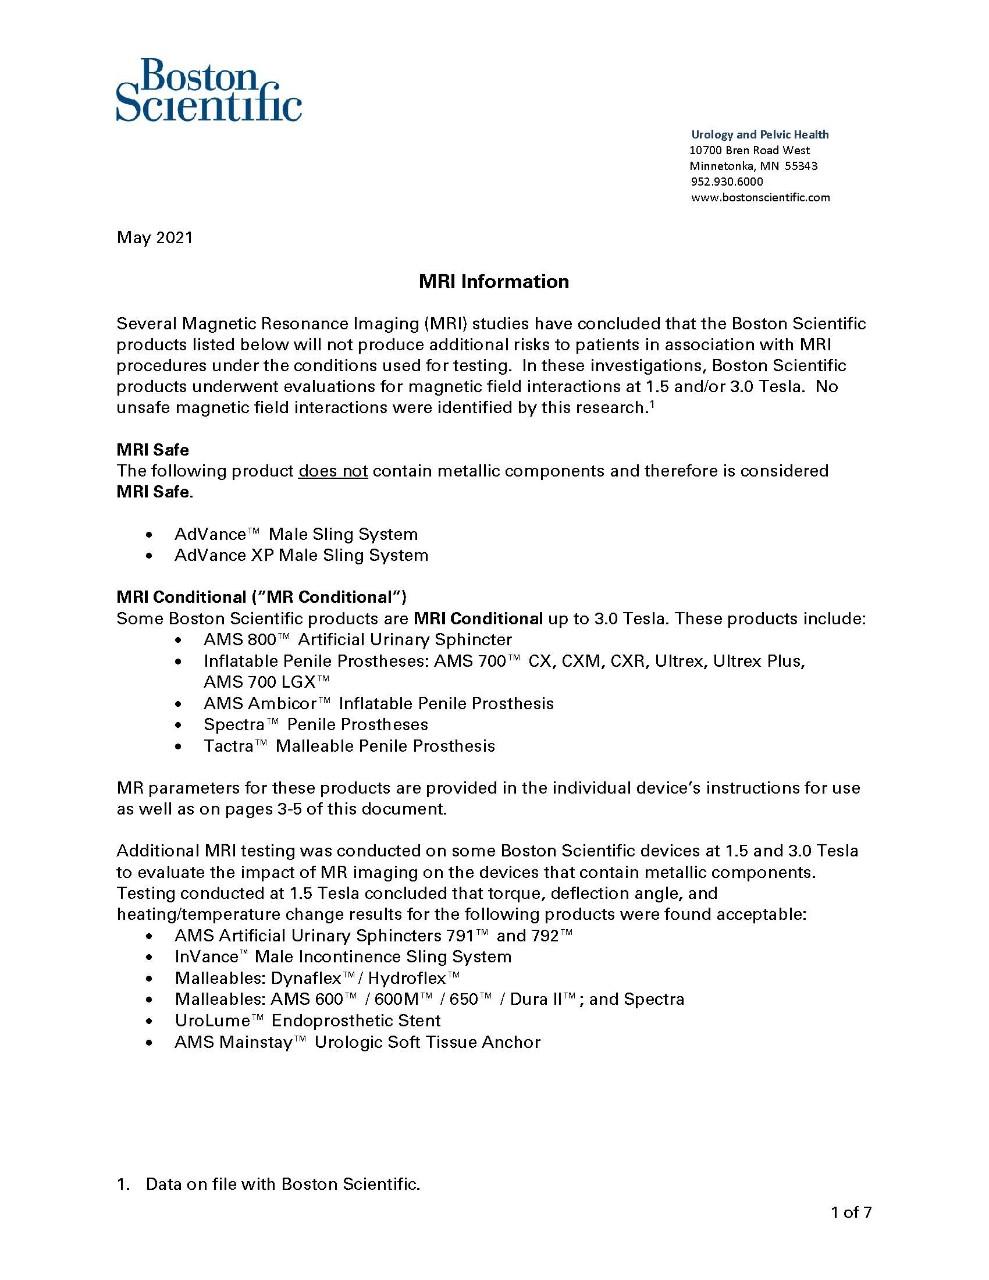 MRI Letter